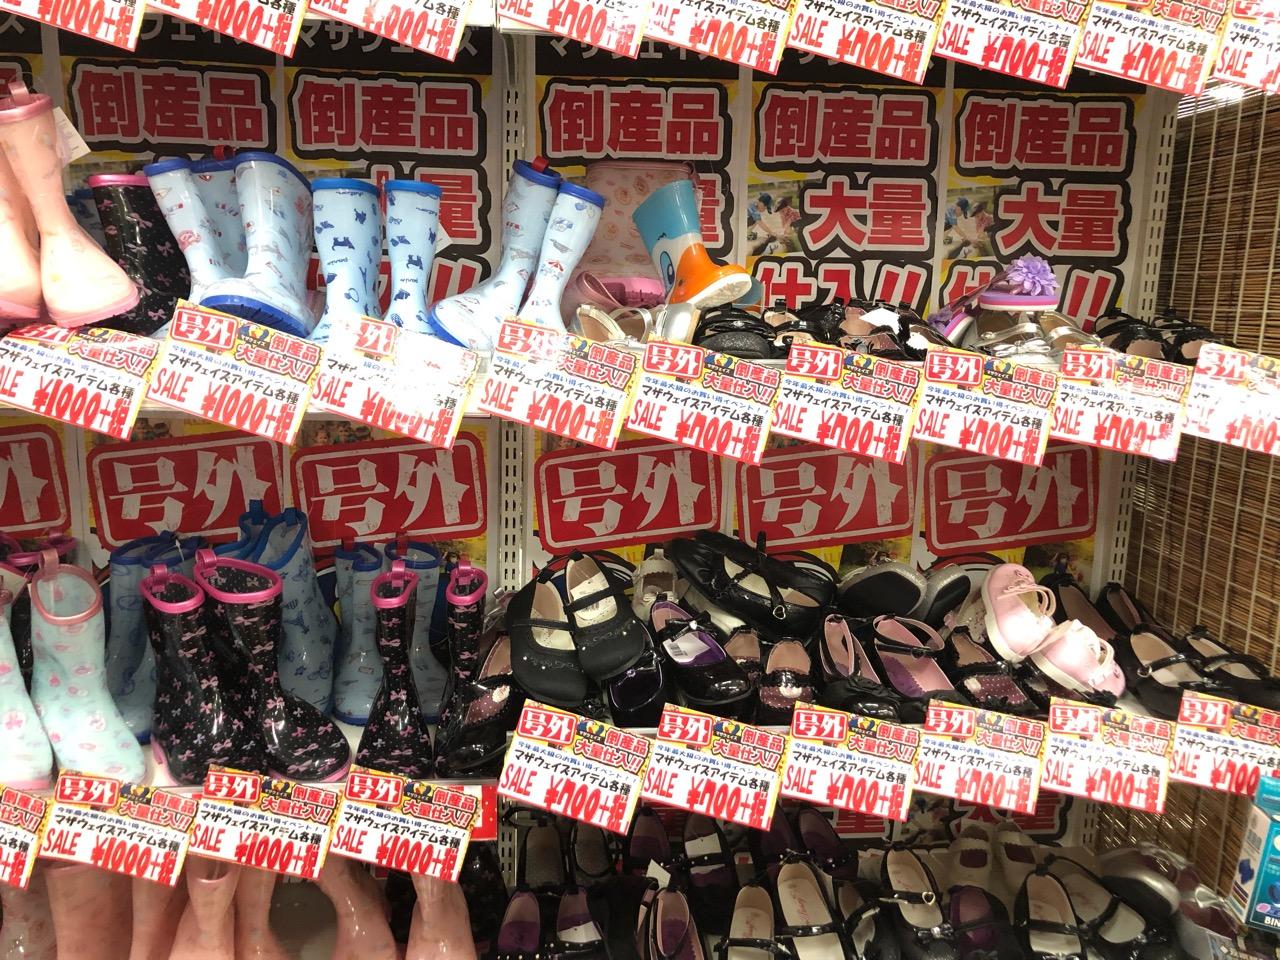 ドン・キホーテ豊田本店でのマザウェイズセール3